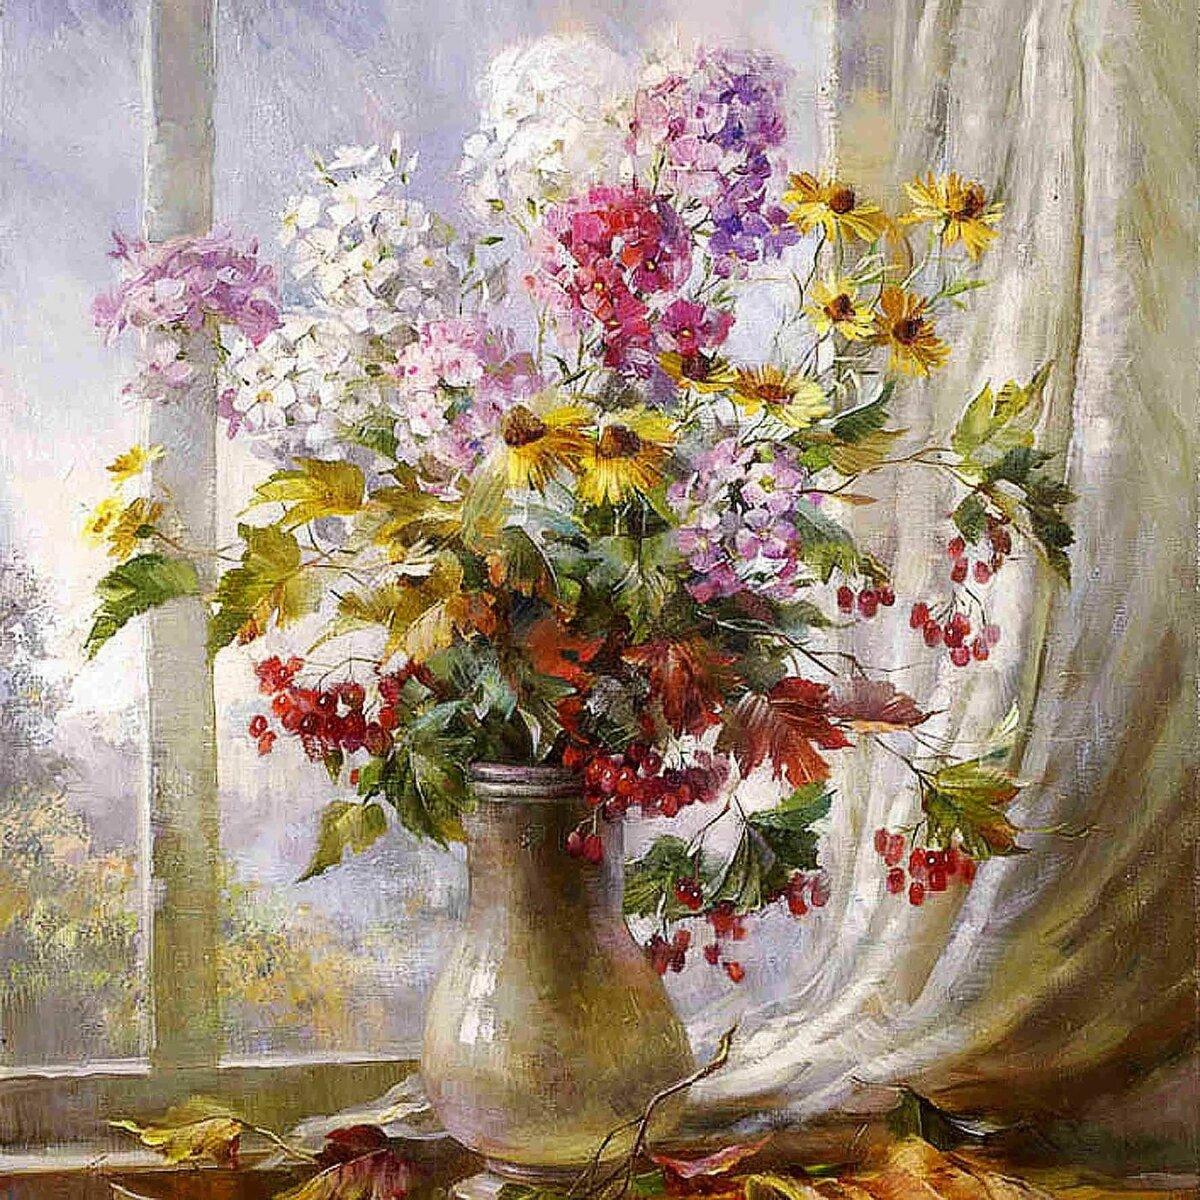 сцене ледового букеты цветов в картинах художников все-таки джузеппе верди